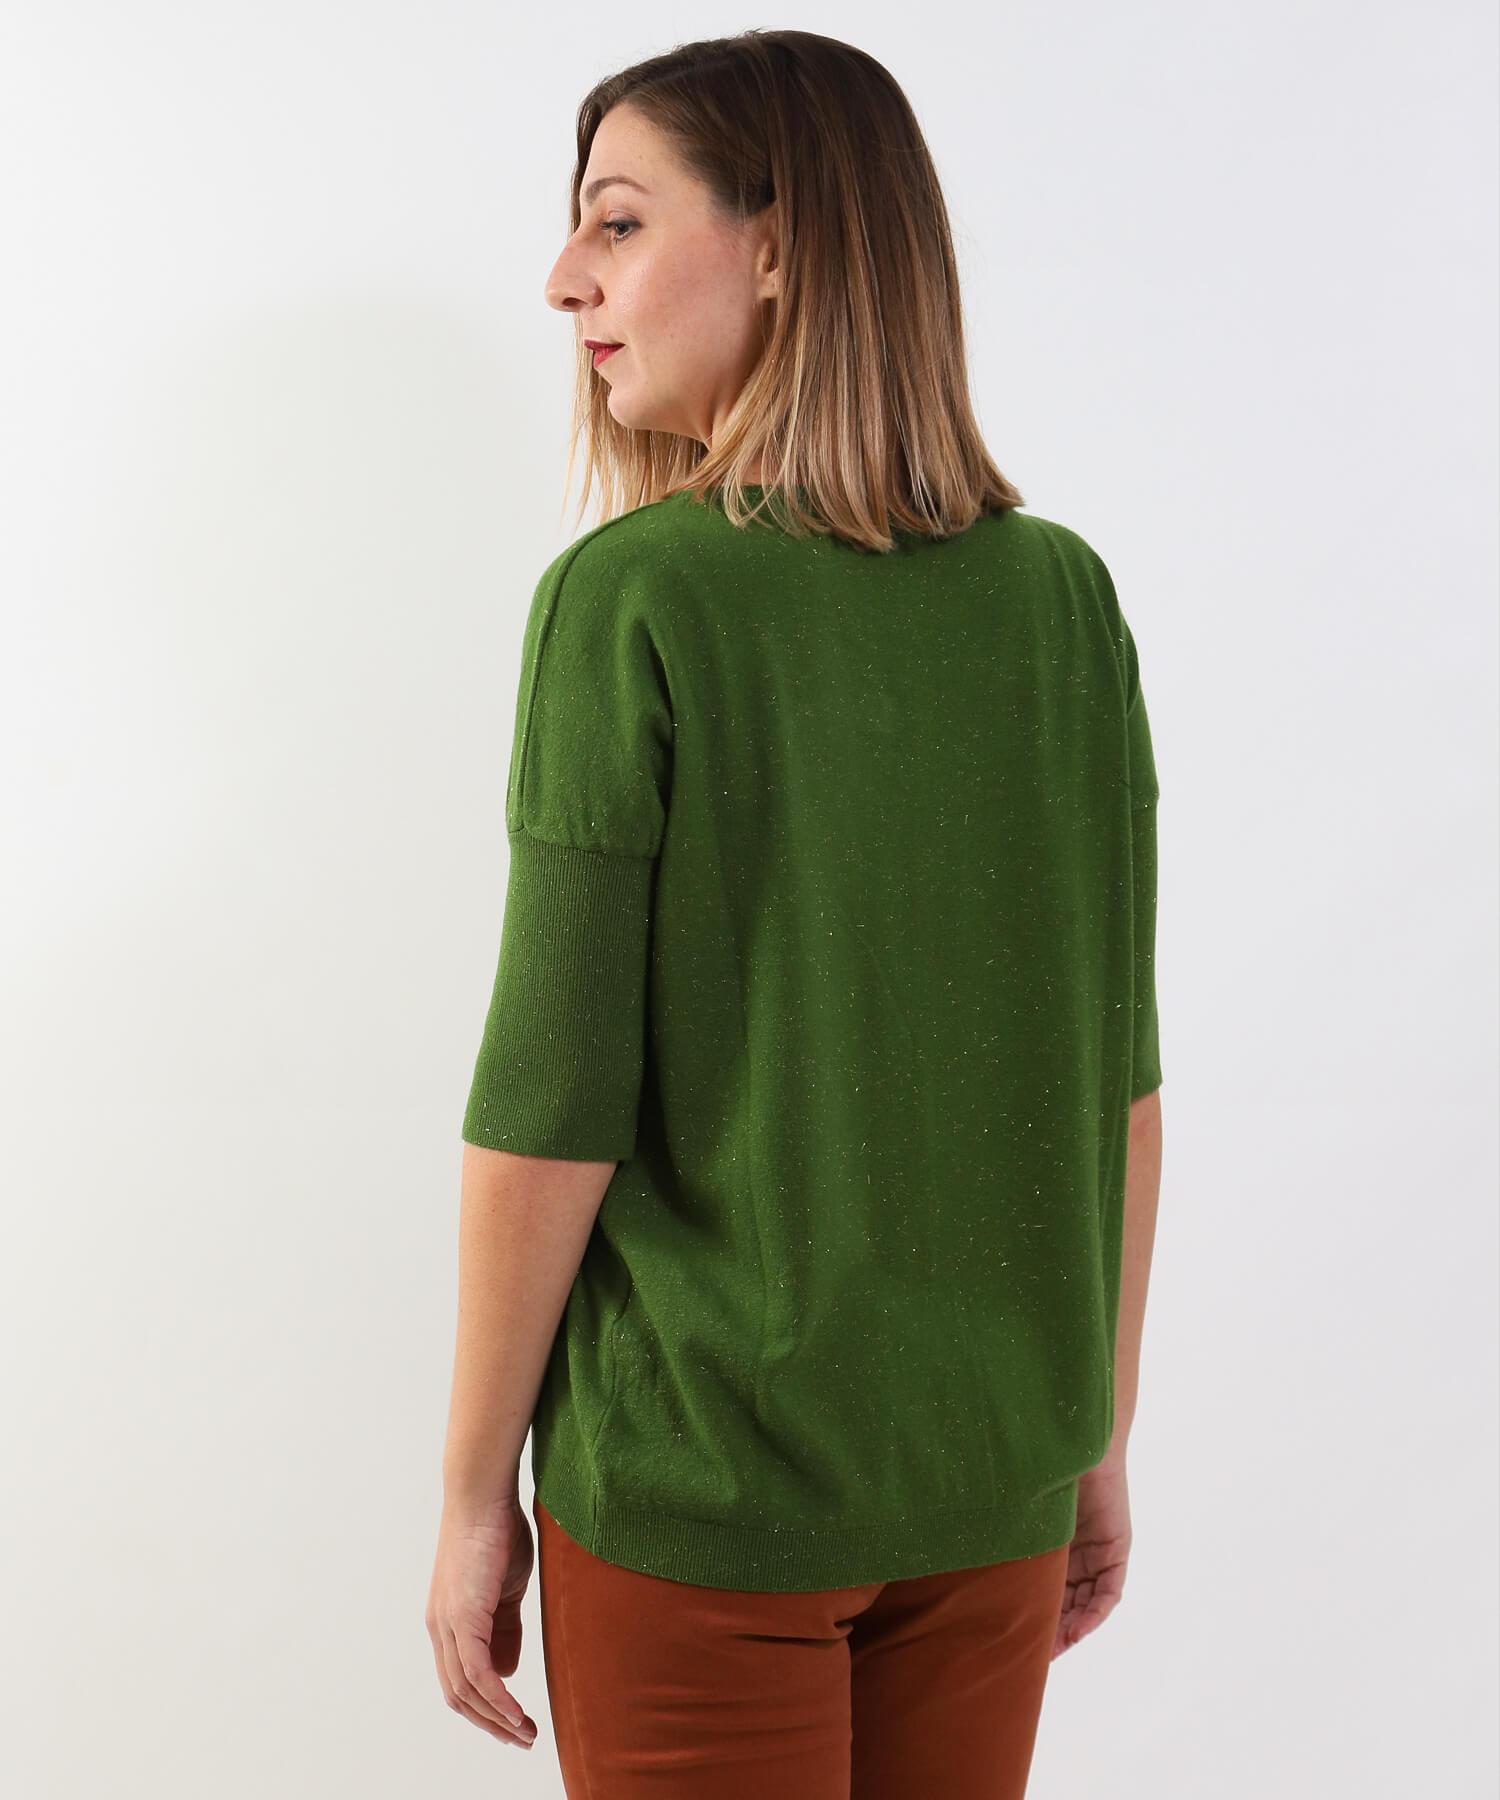 Μπλούζα Πλεκτή Πράσινη Lurex